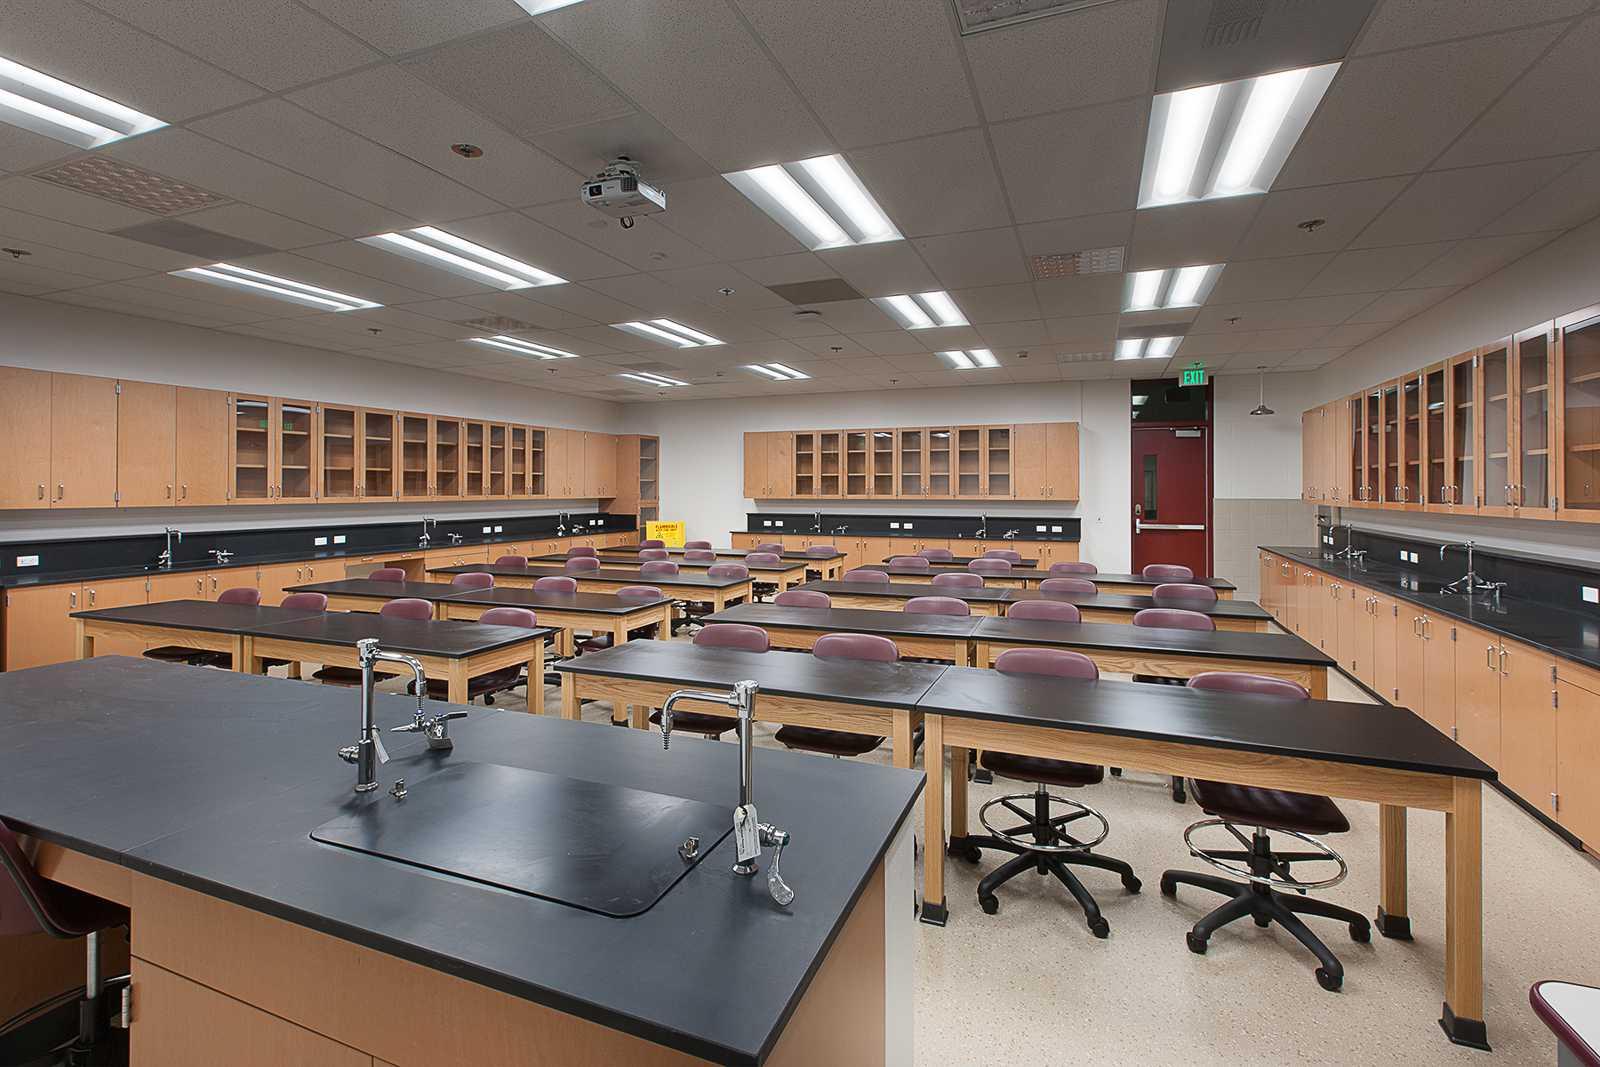 Ontario High School Classroom Building